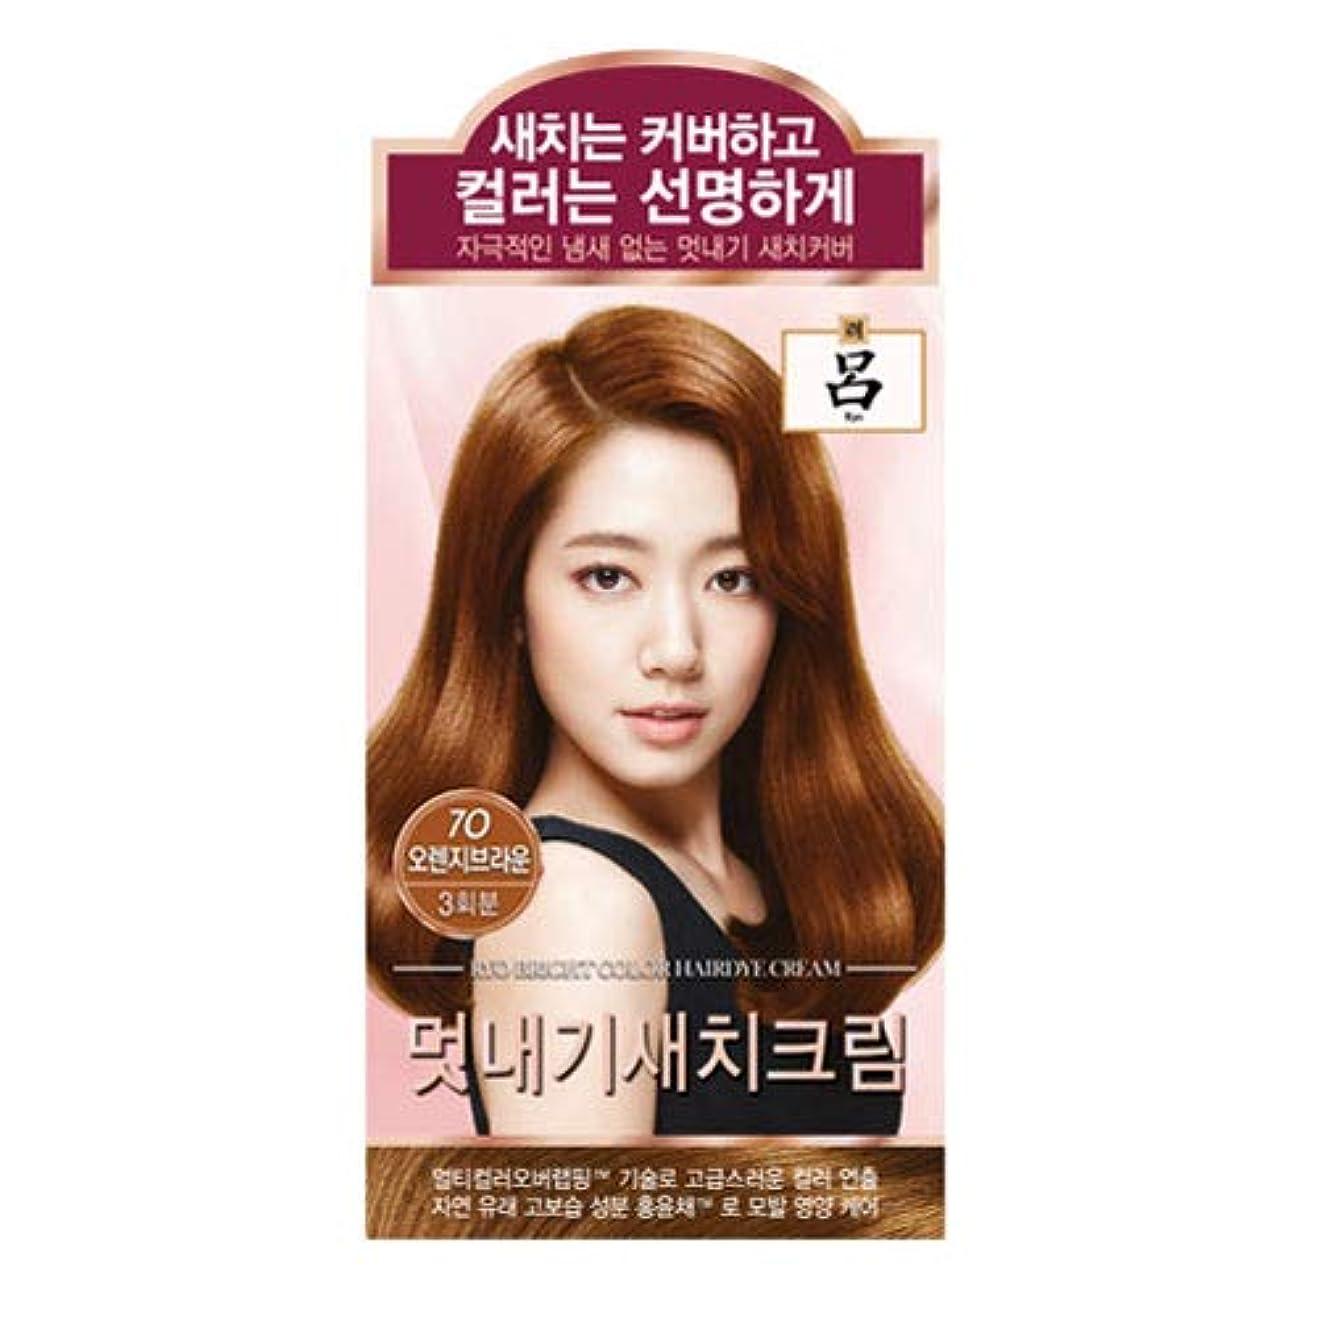 第二すぐに幽霊アモーレパシフィック呂[AMOREPACIFIC/Ryo] ブライトカラーヘアアイクリーム 7O オレンジブラウン/Bright Color Hairdye Cream 7O Orange Brown